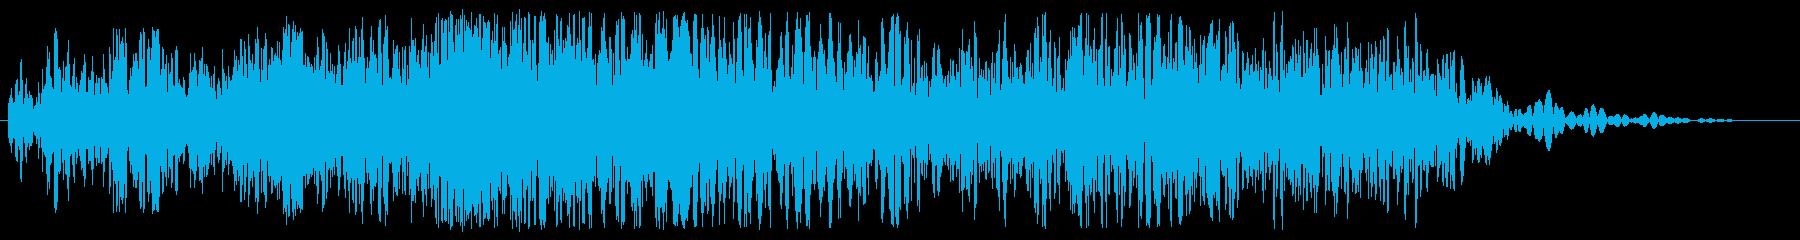 重い摩擦スライドの再生済みの波形